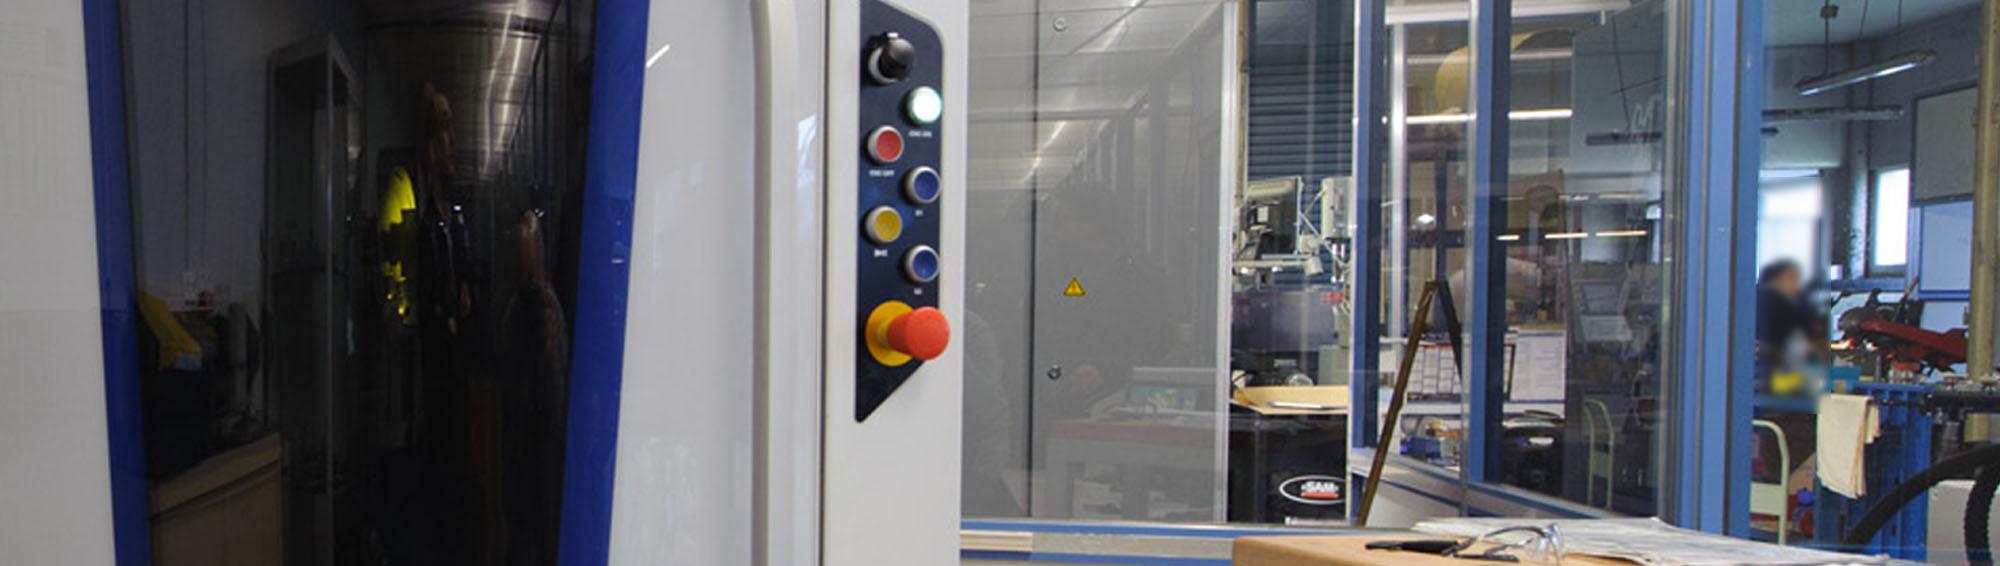 banc de mesures, instrument de mesures pour outils de précision chez Socap